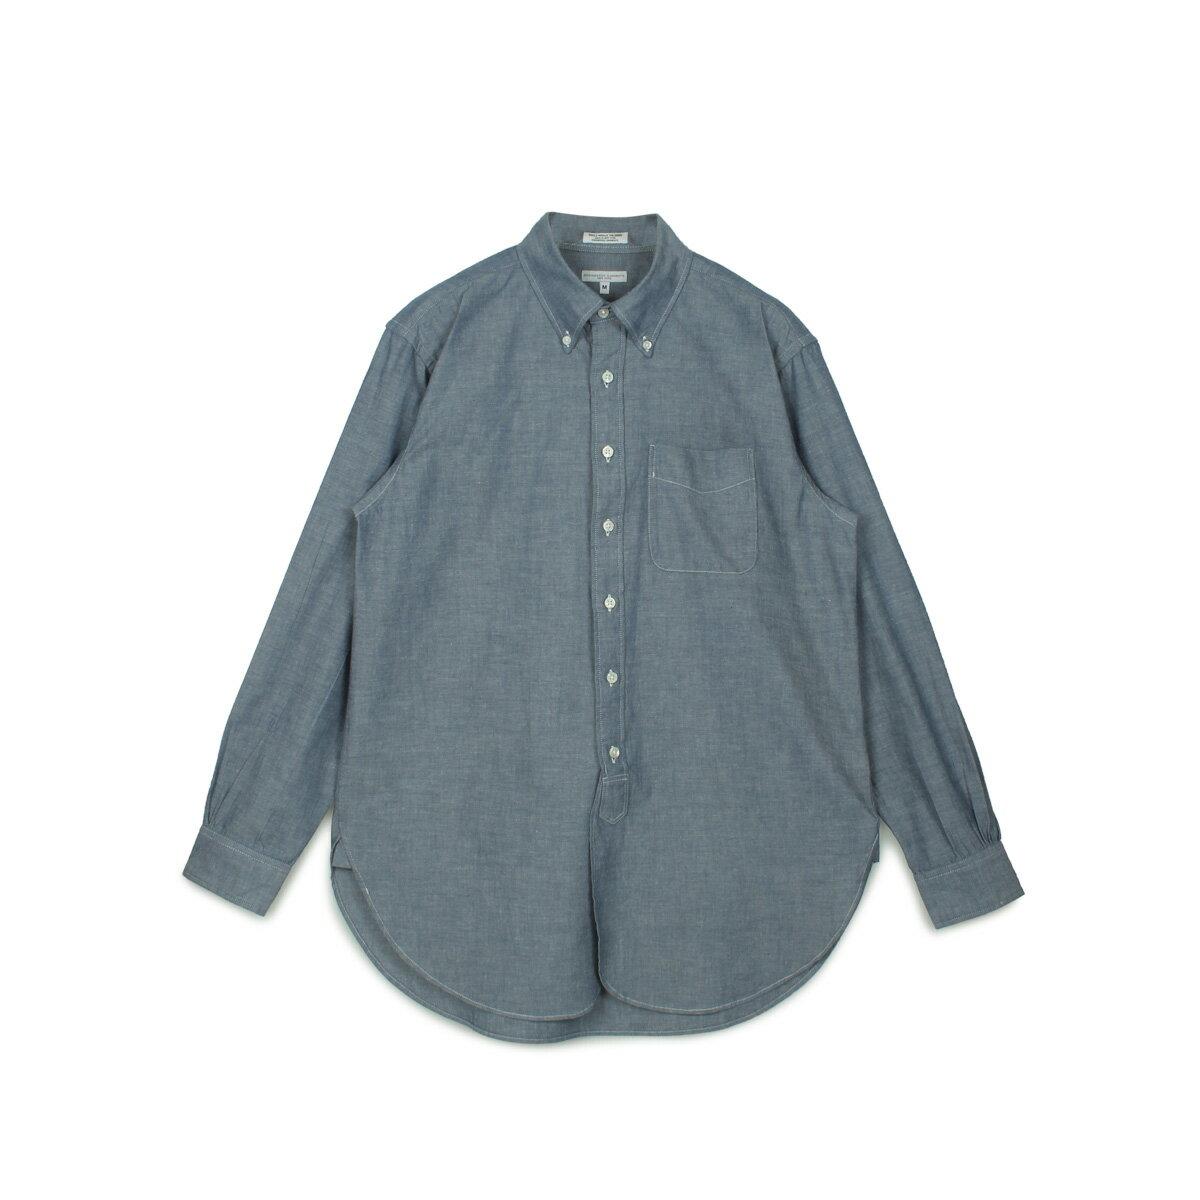 トップス, カジュアルシャツ 1000OFF ENGINEERED GARMENTS 19 CENTURY BD SHIRT 21S1A001-02